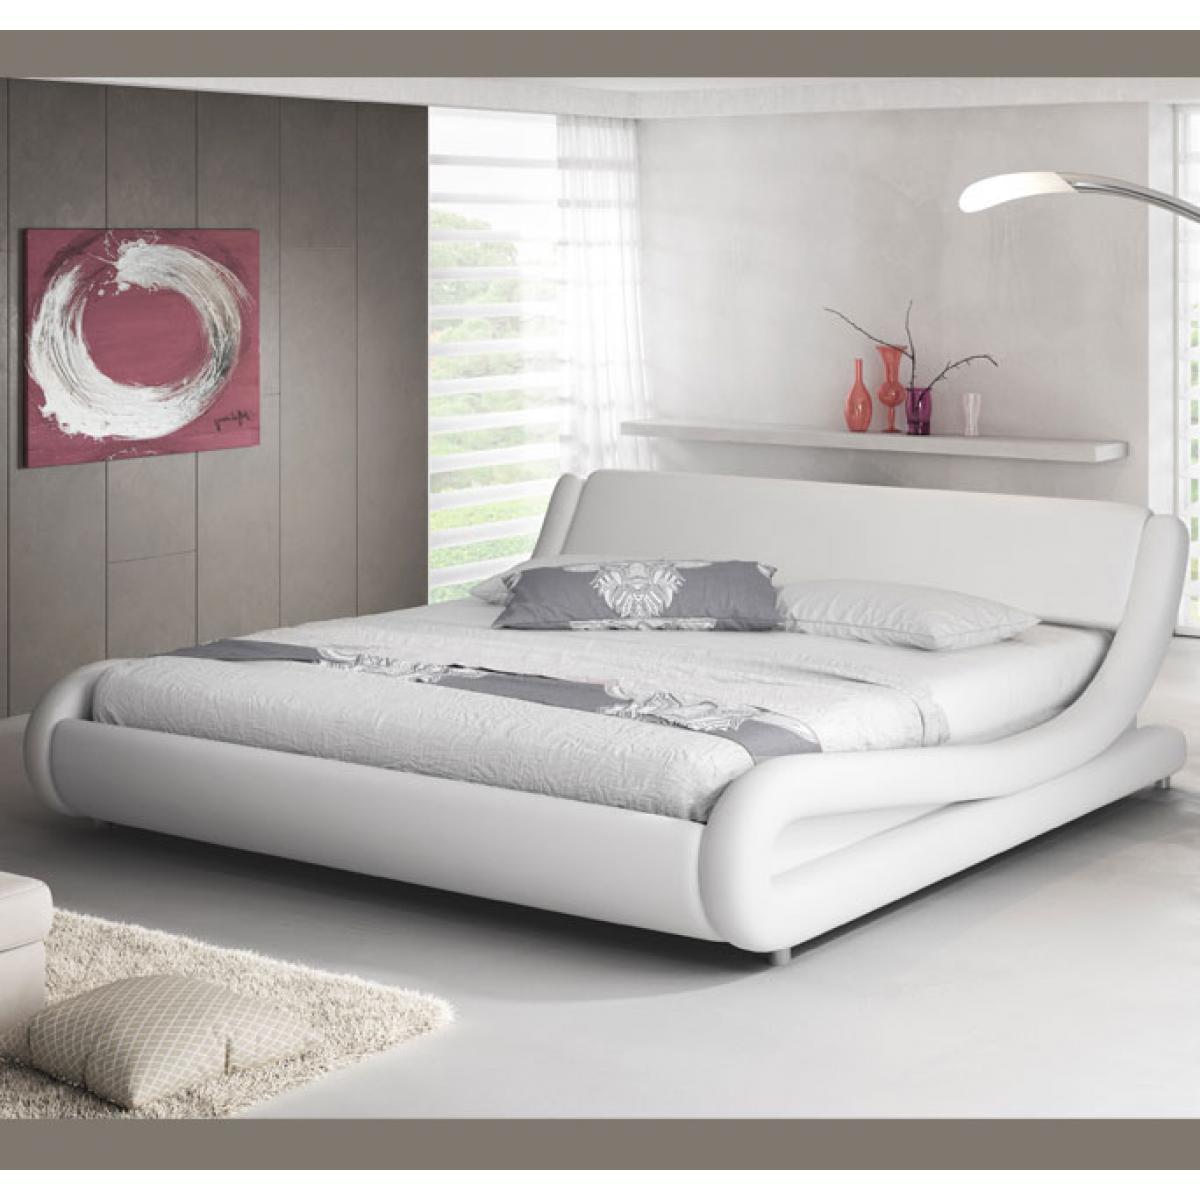 Design Ameublement Lit simple Alessia ? blanc 90x190cm